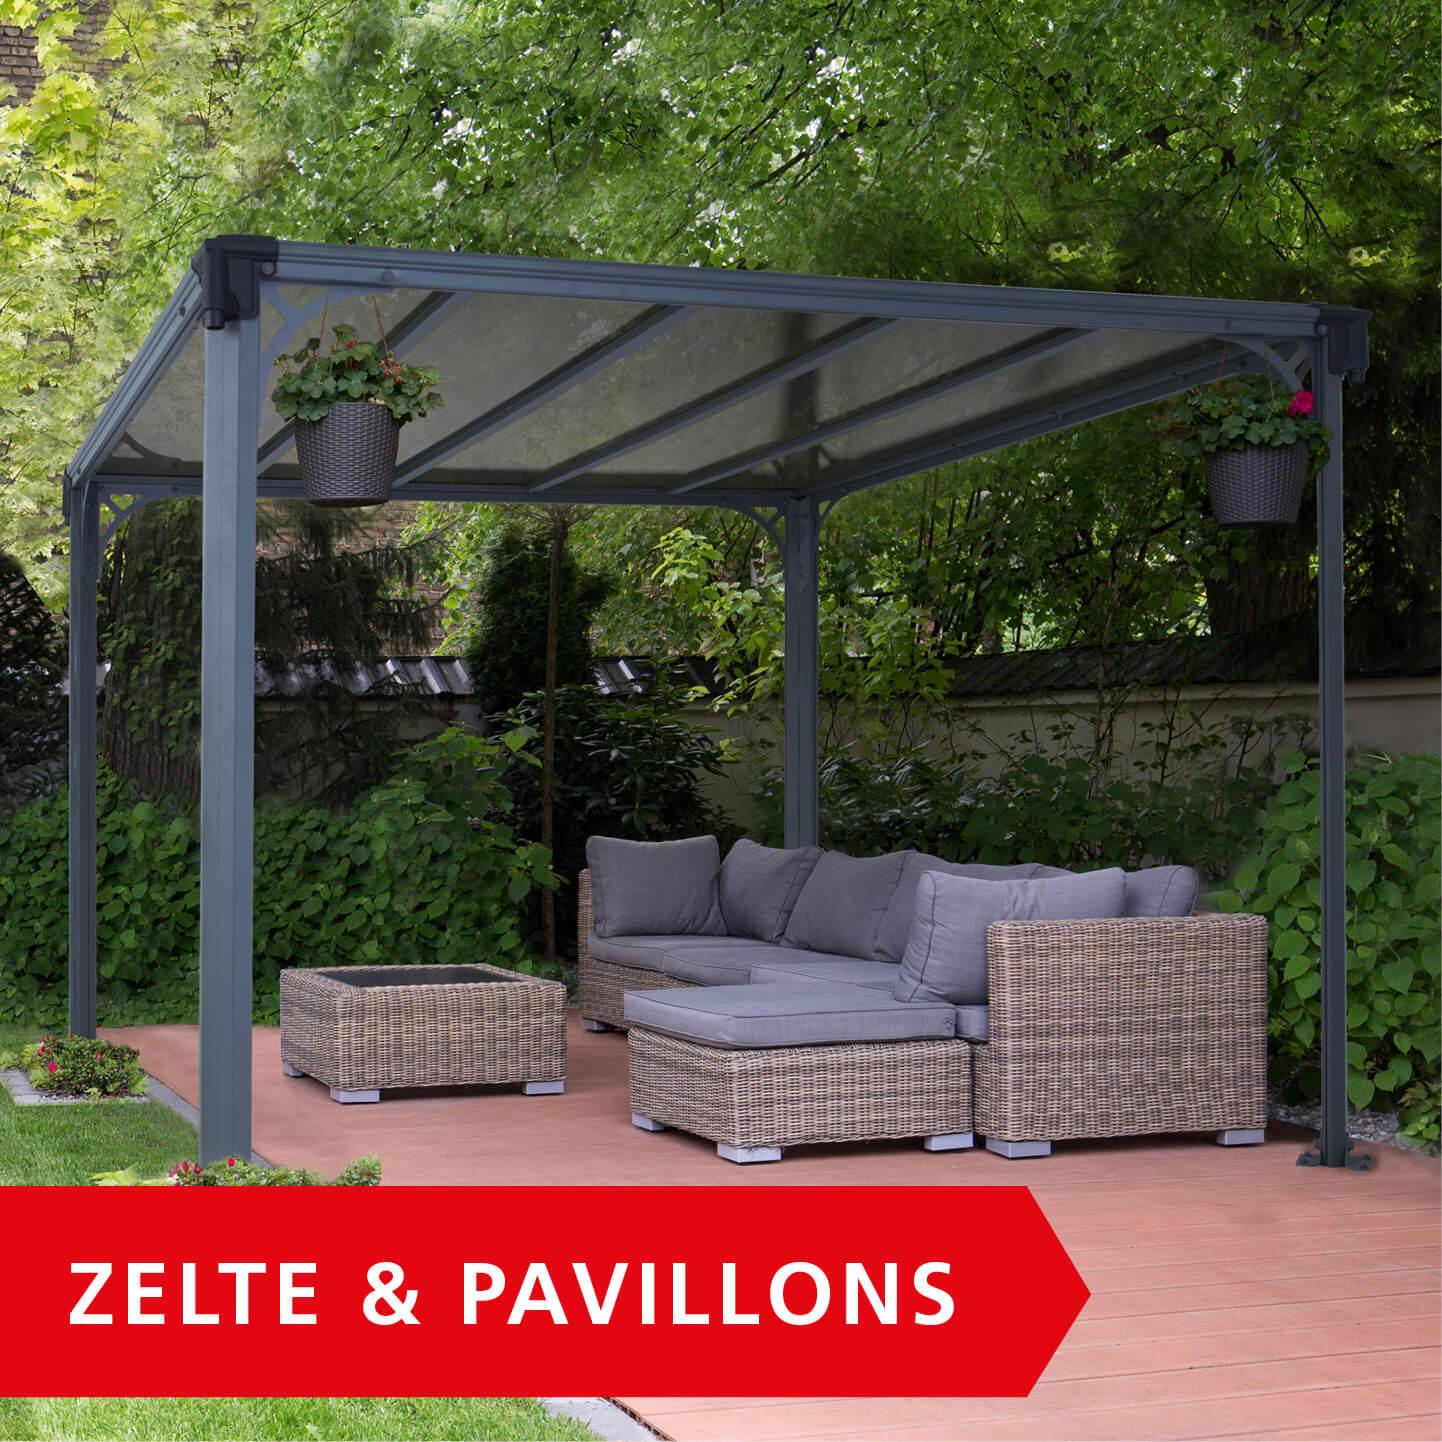 Festzelte & Pavillons